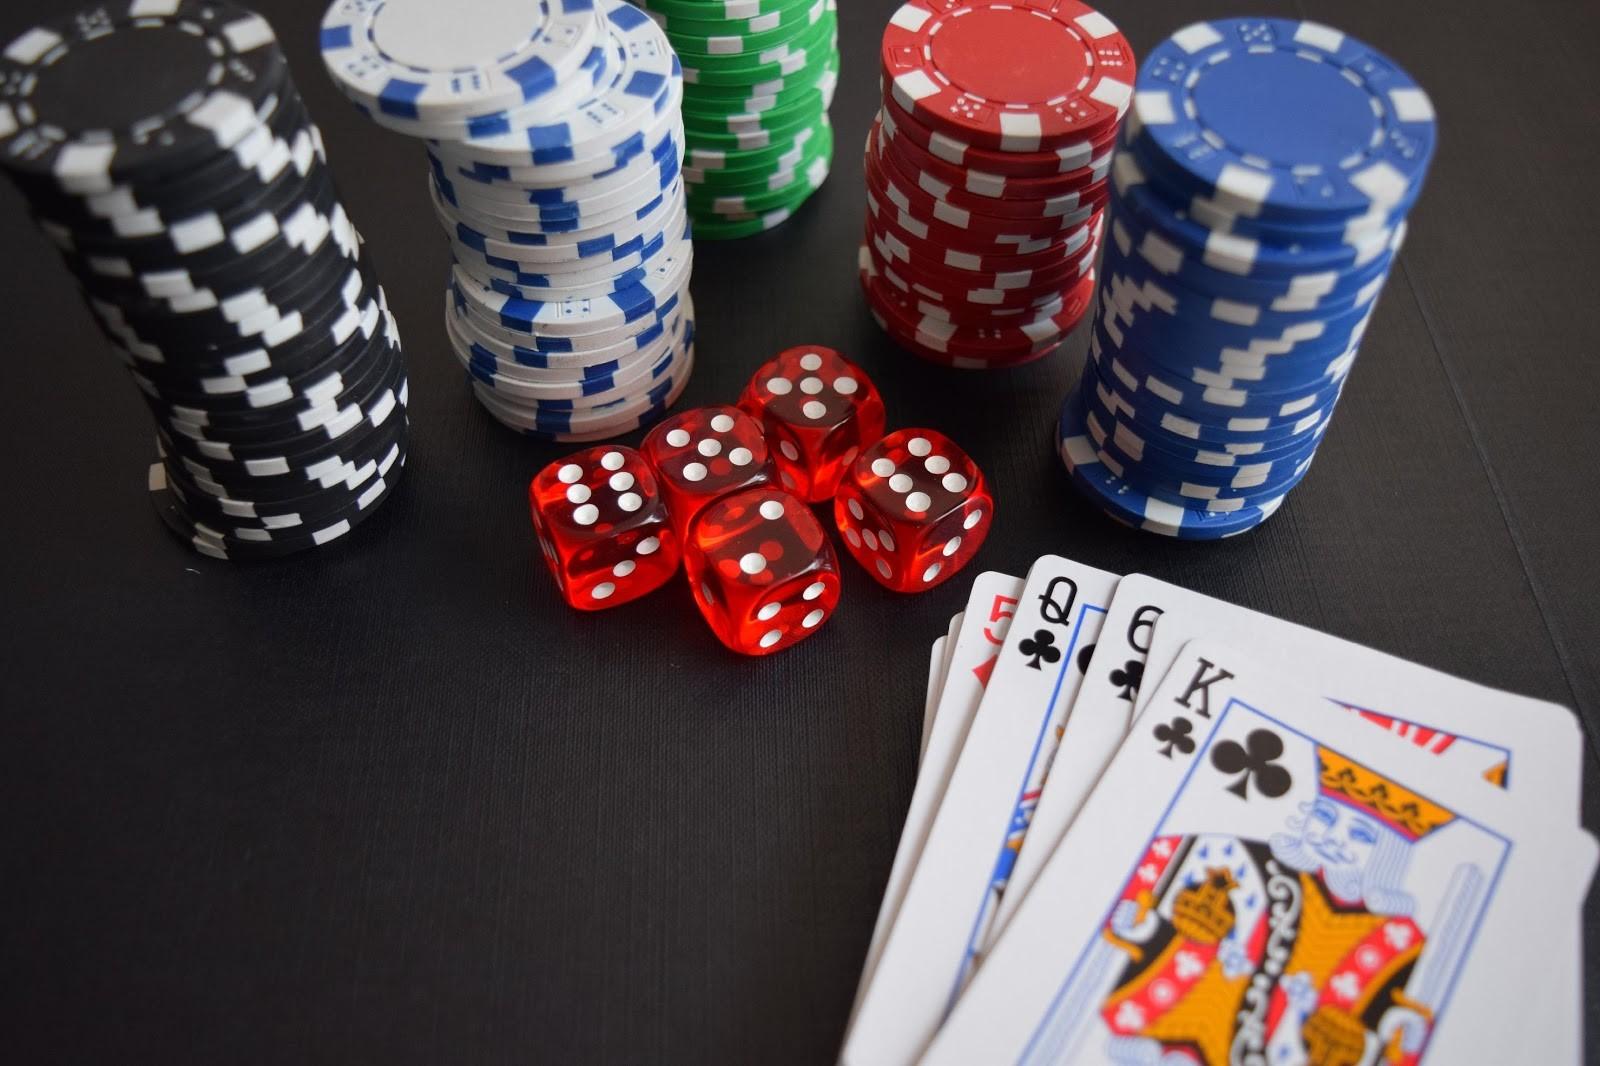 jetzt spielen roulette mit spielgeld online casino seriös paysafe